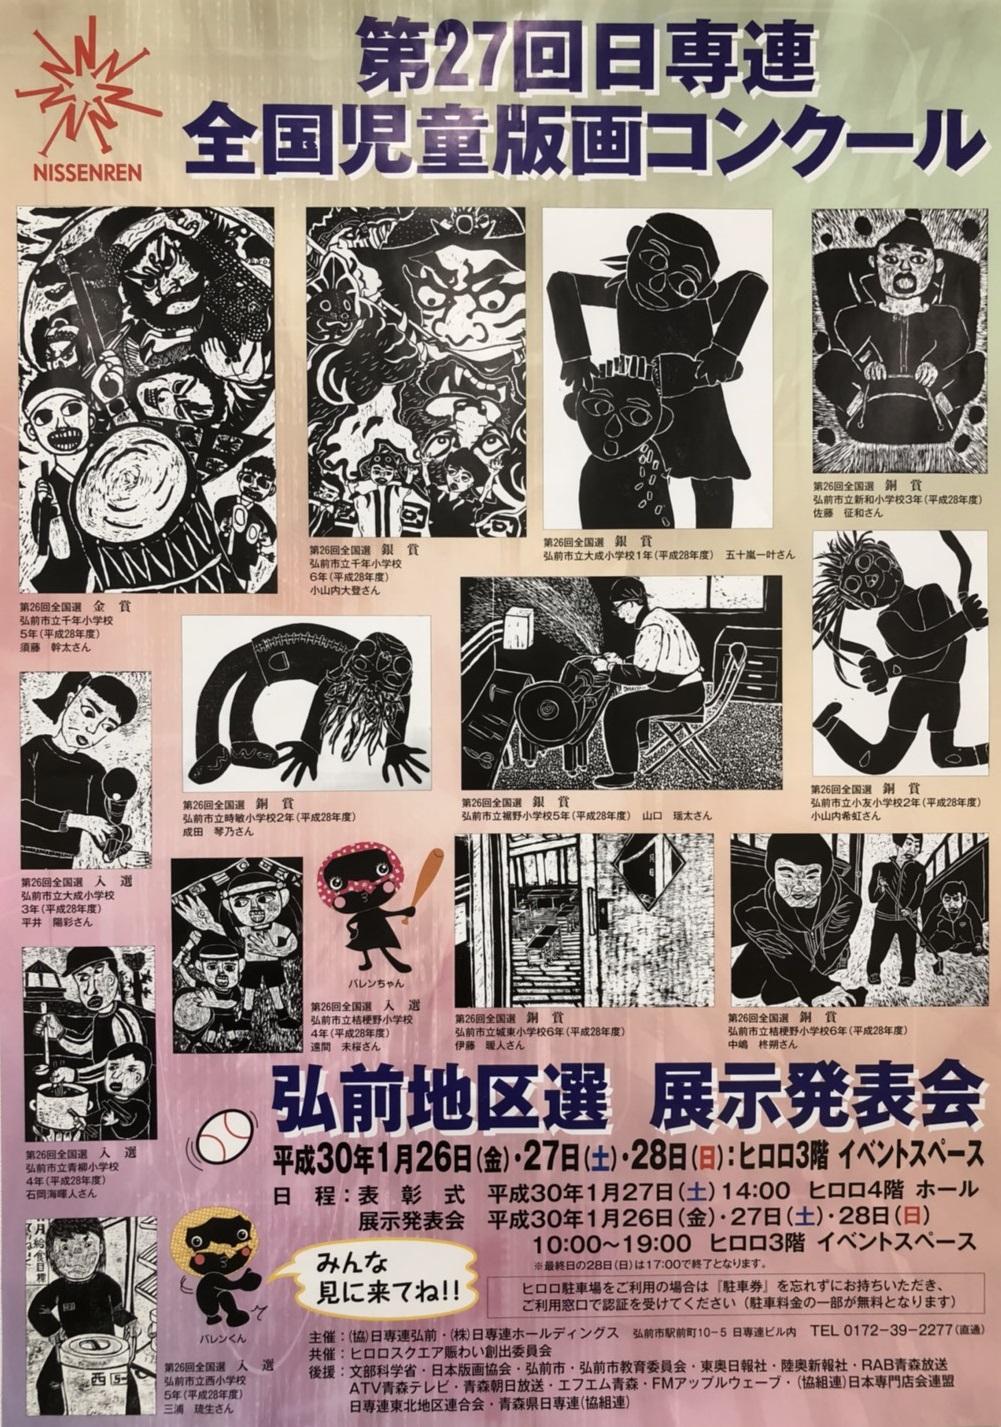 第27回日専連全国児童版画コンクール 弘前地区選作品展示発表会